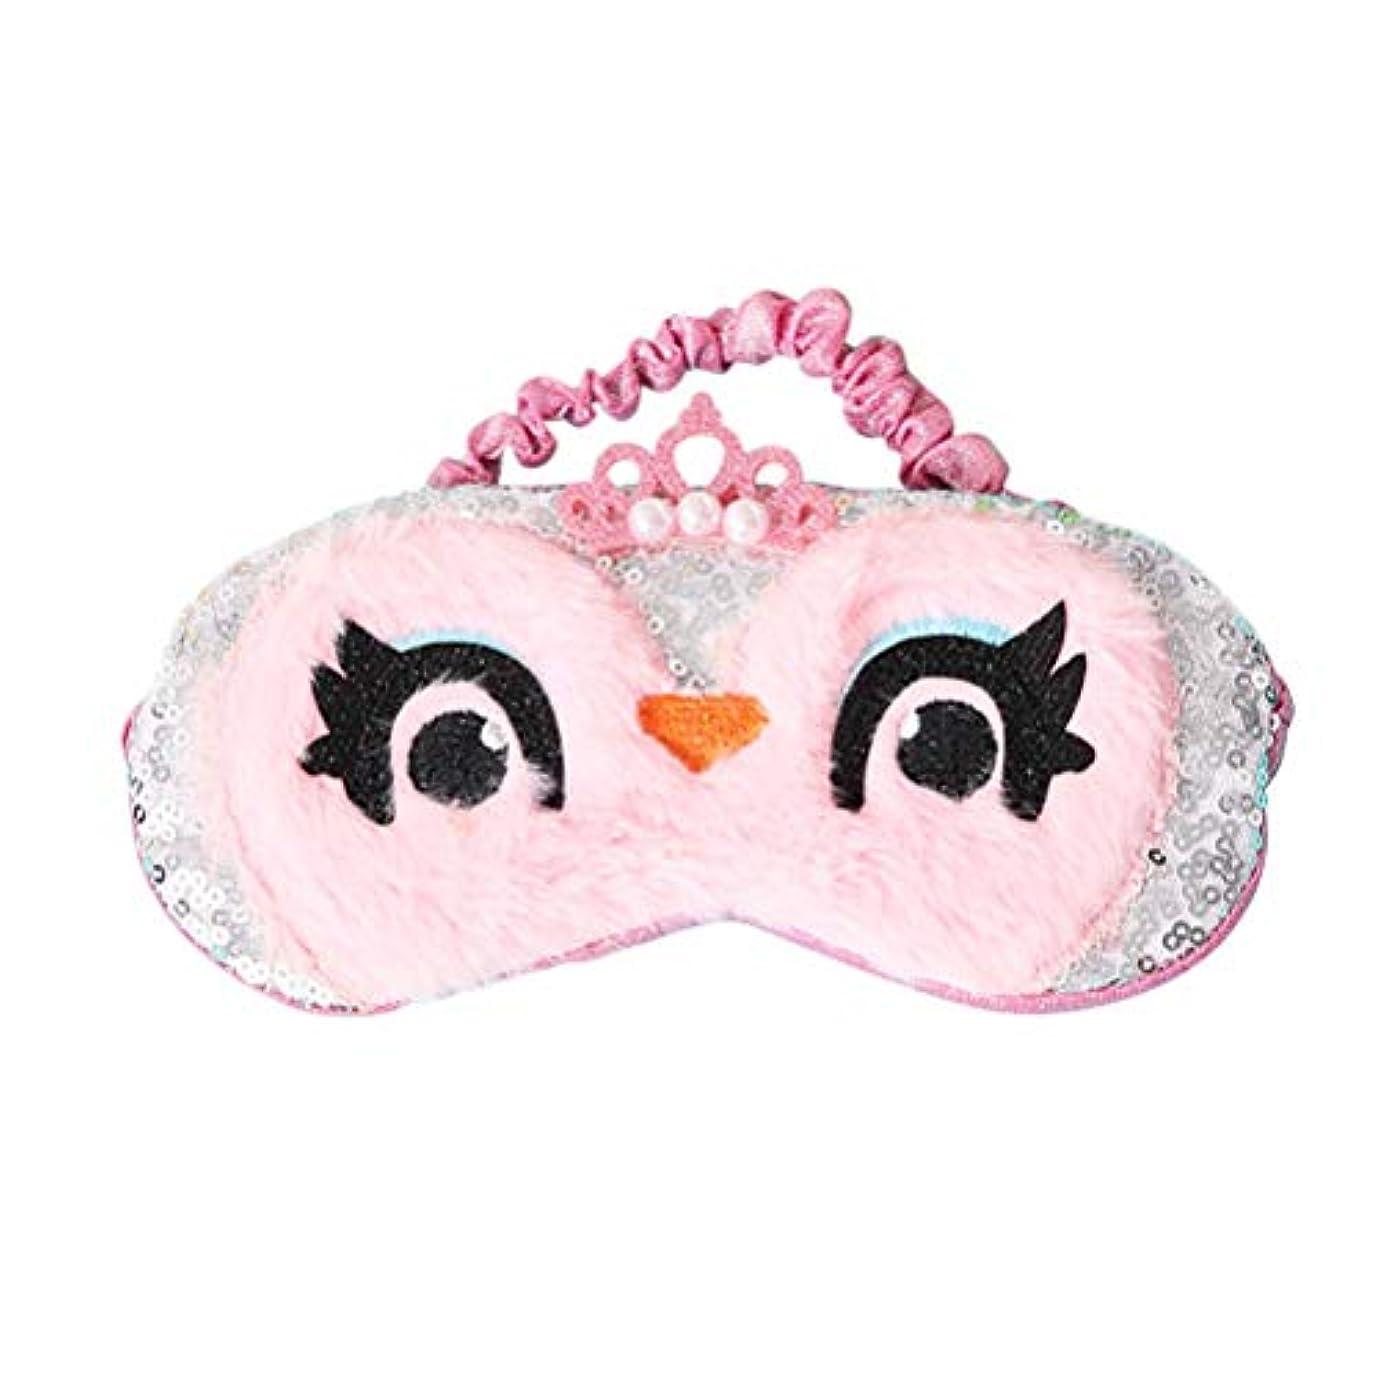 固有の免疫望遠鏡Healifty アイマスクかわいいぬいぐるみ目隠しアイカバー用女性女の子子供ホームベッド旅行フライトカーキャンプ用(ピンク)